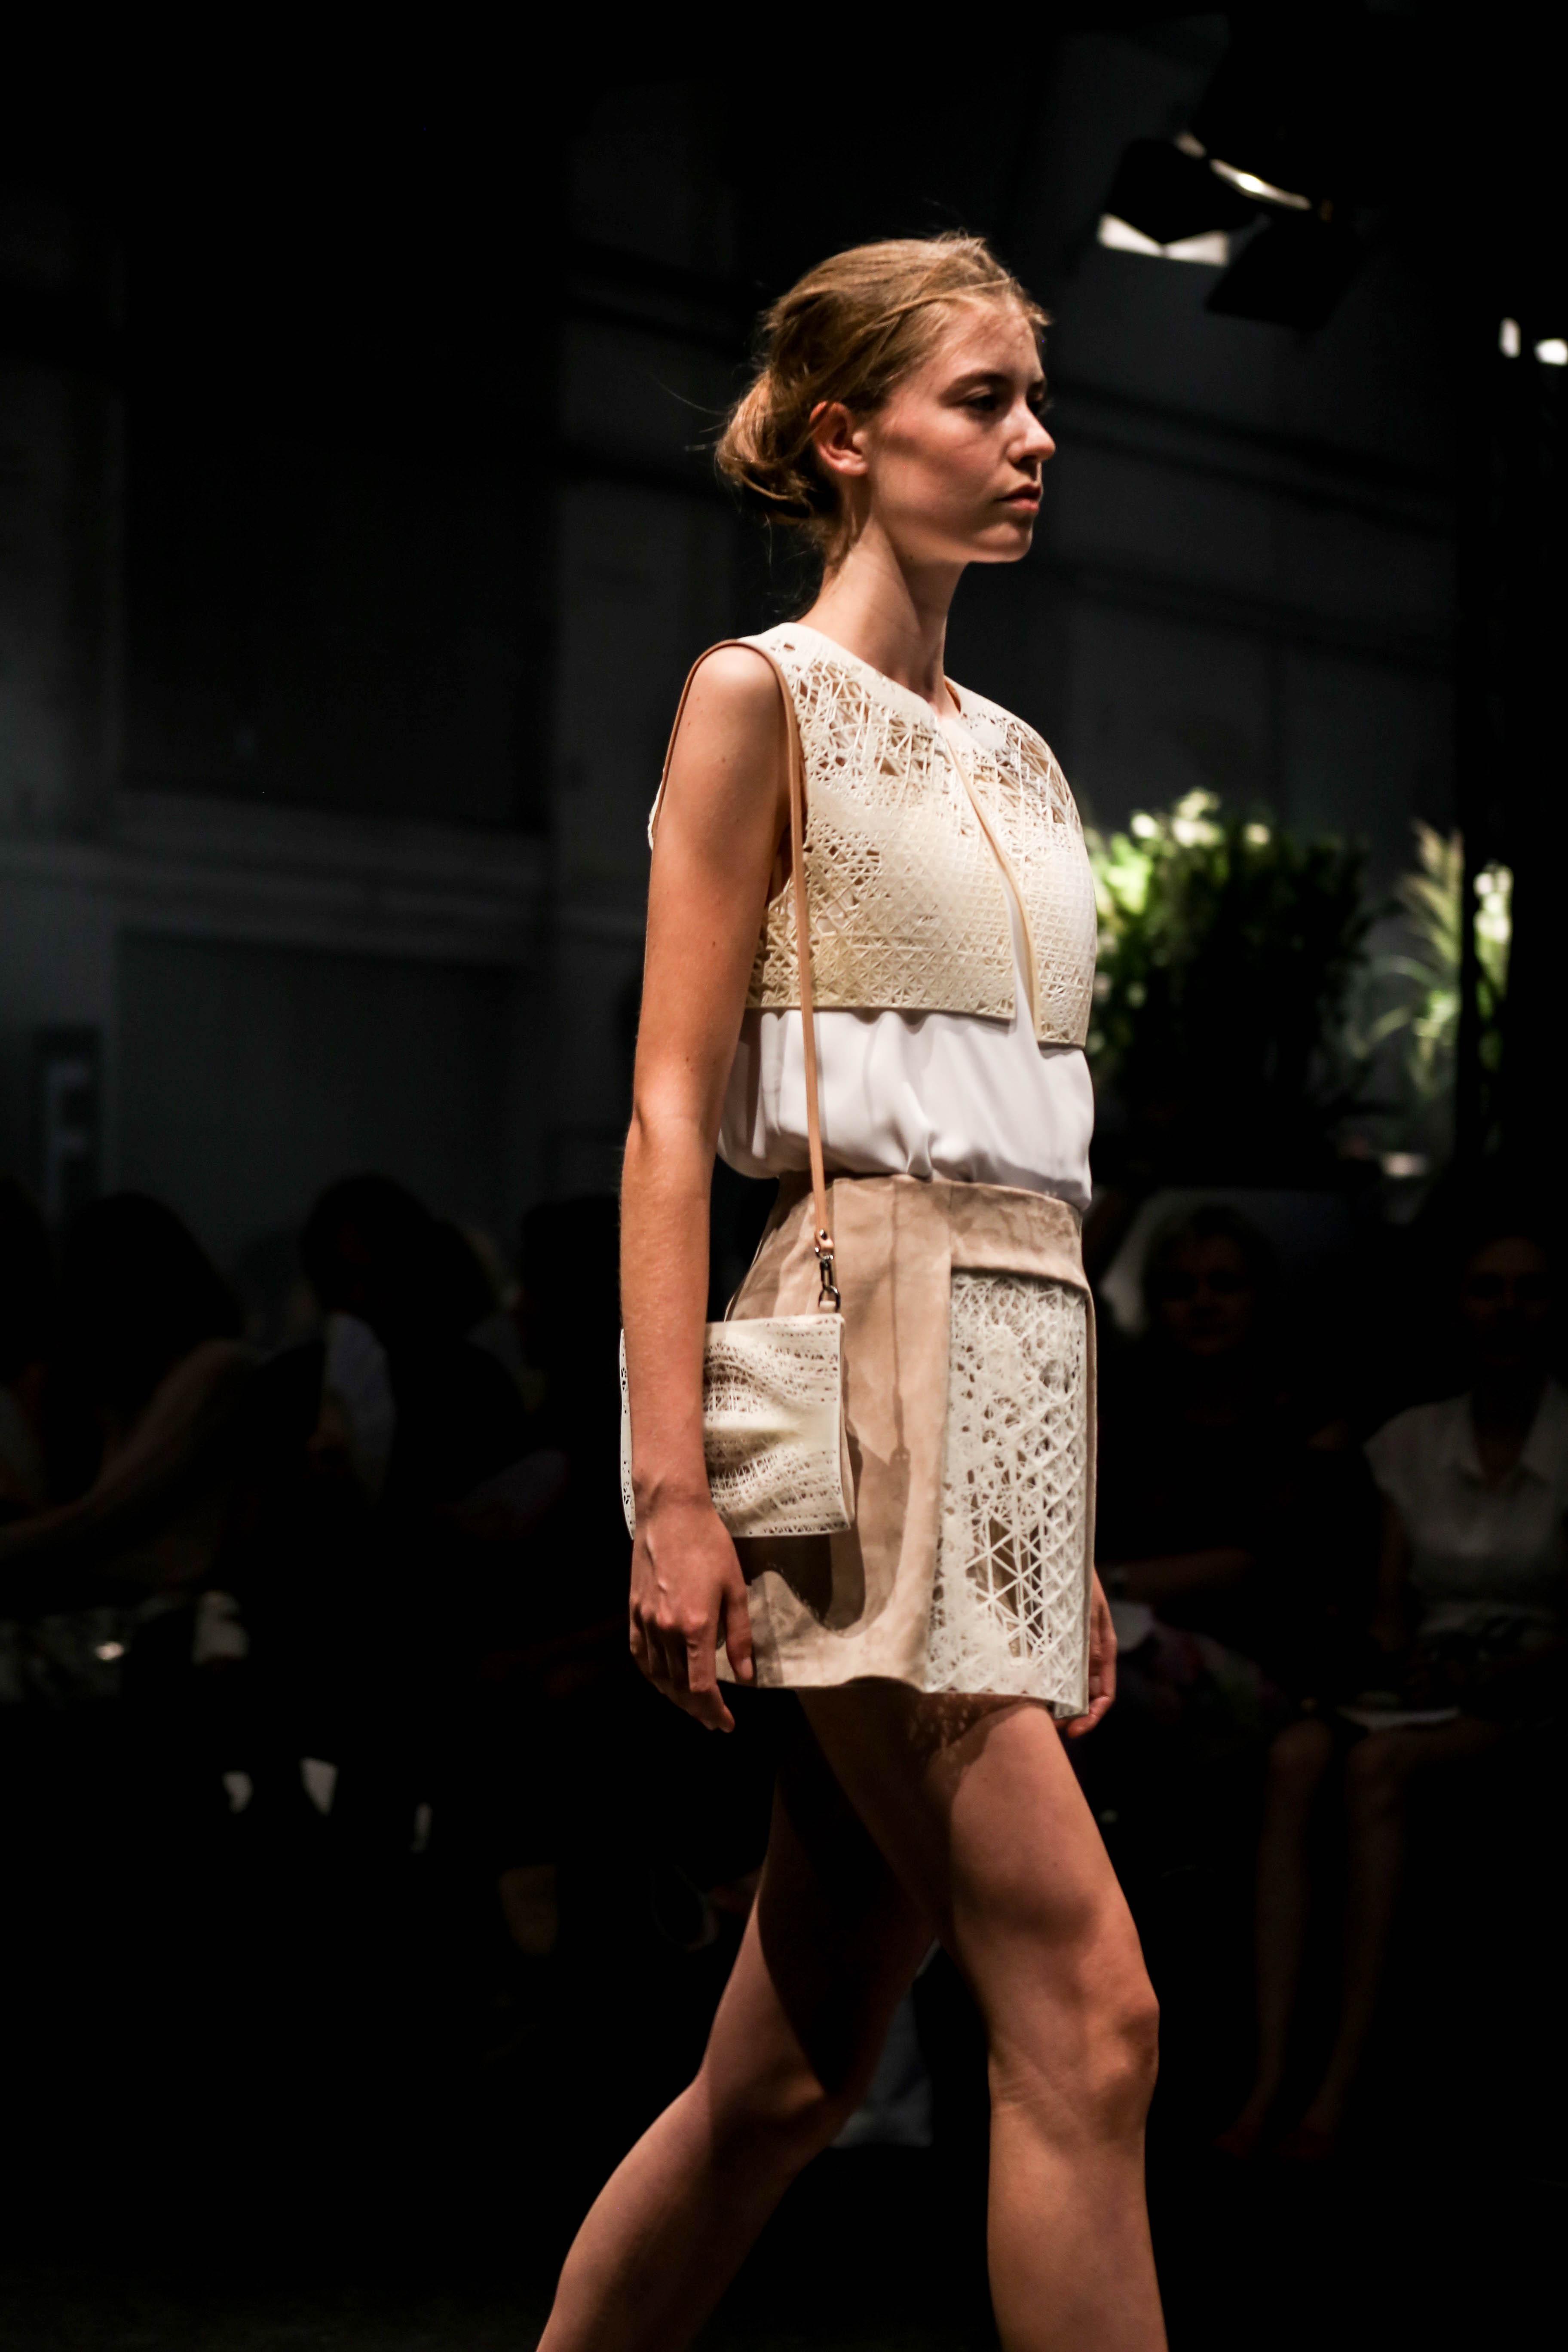 asus-citytrip-düsseldorf-fashion-lifestyle-zenfone-zoom-s-erfahrung_0623